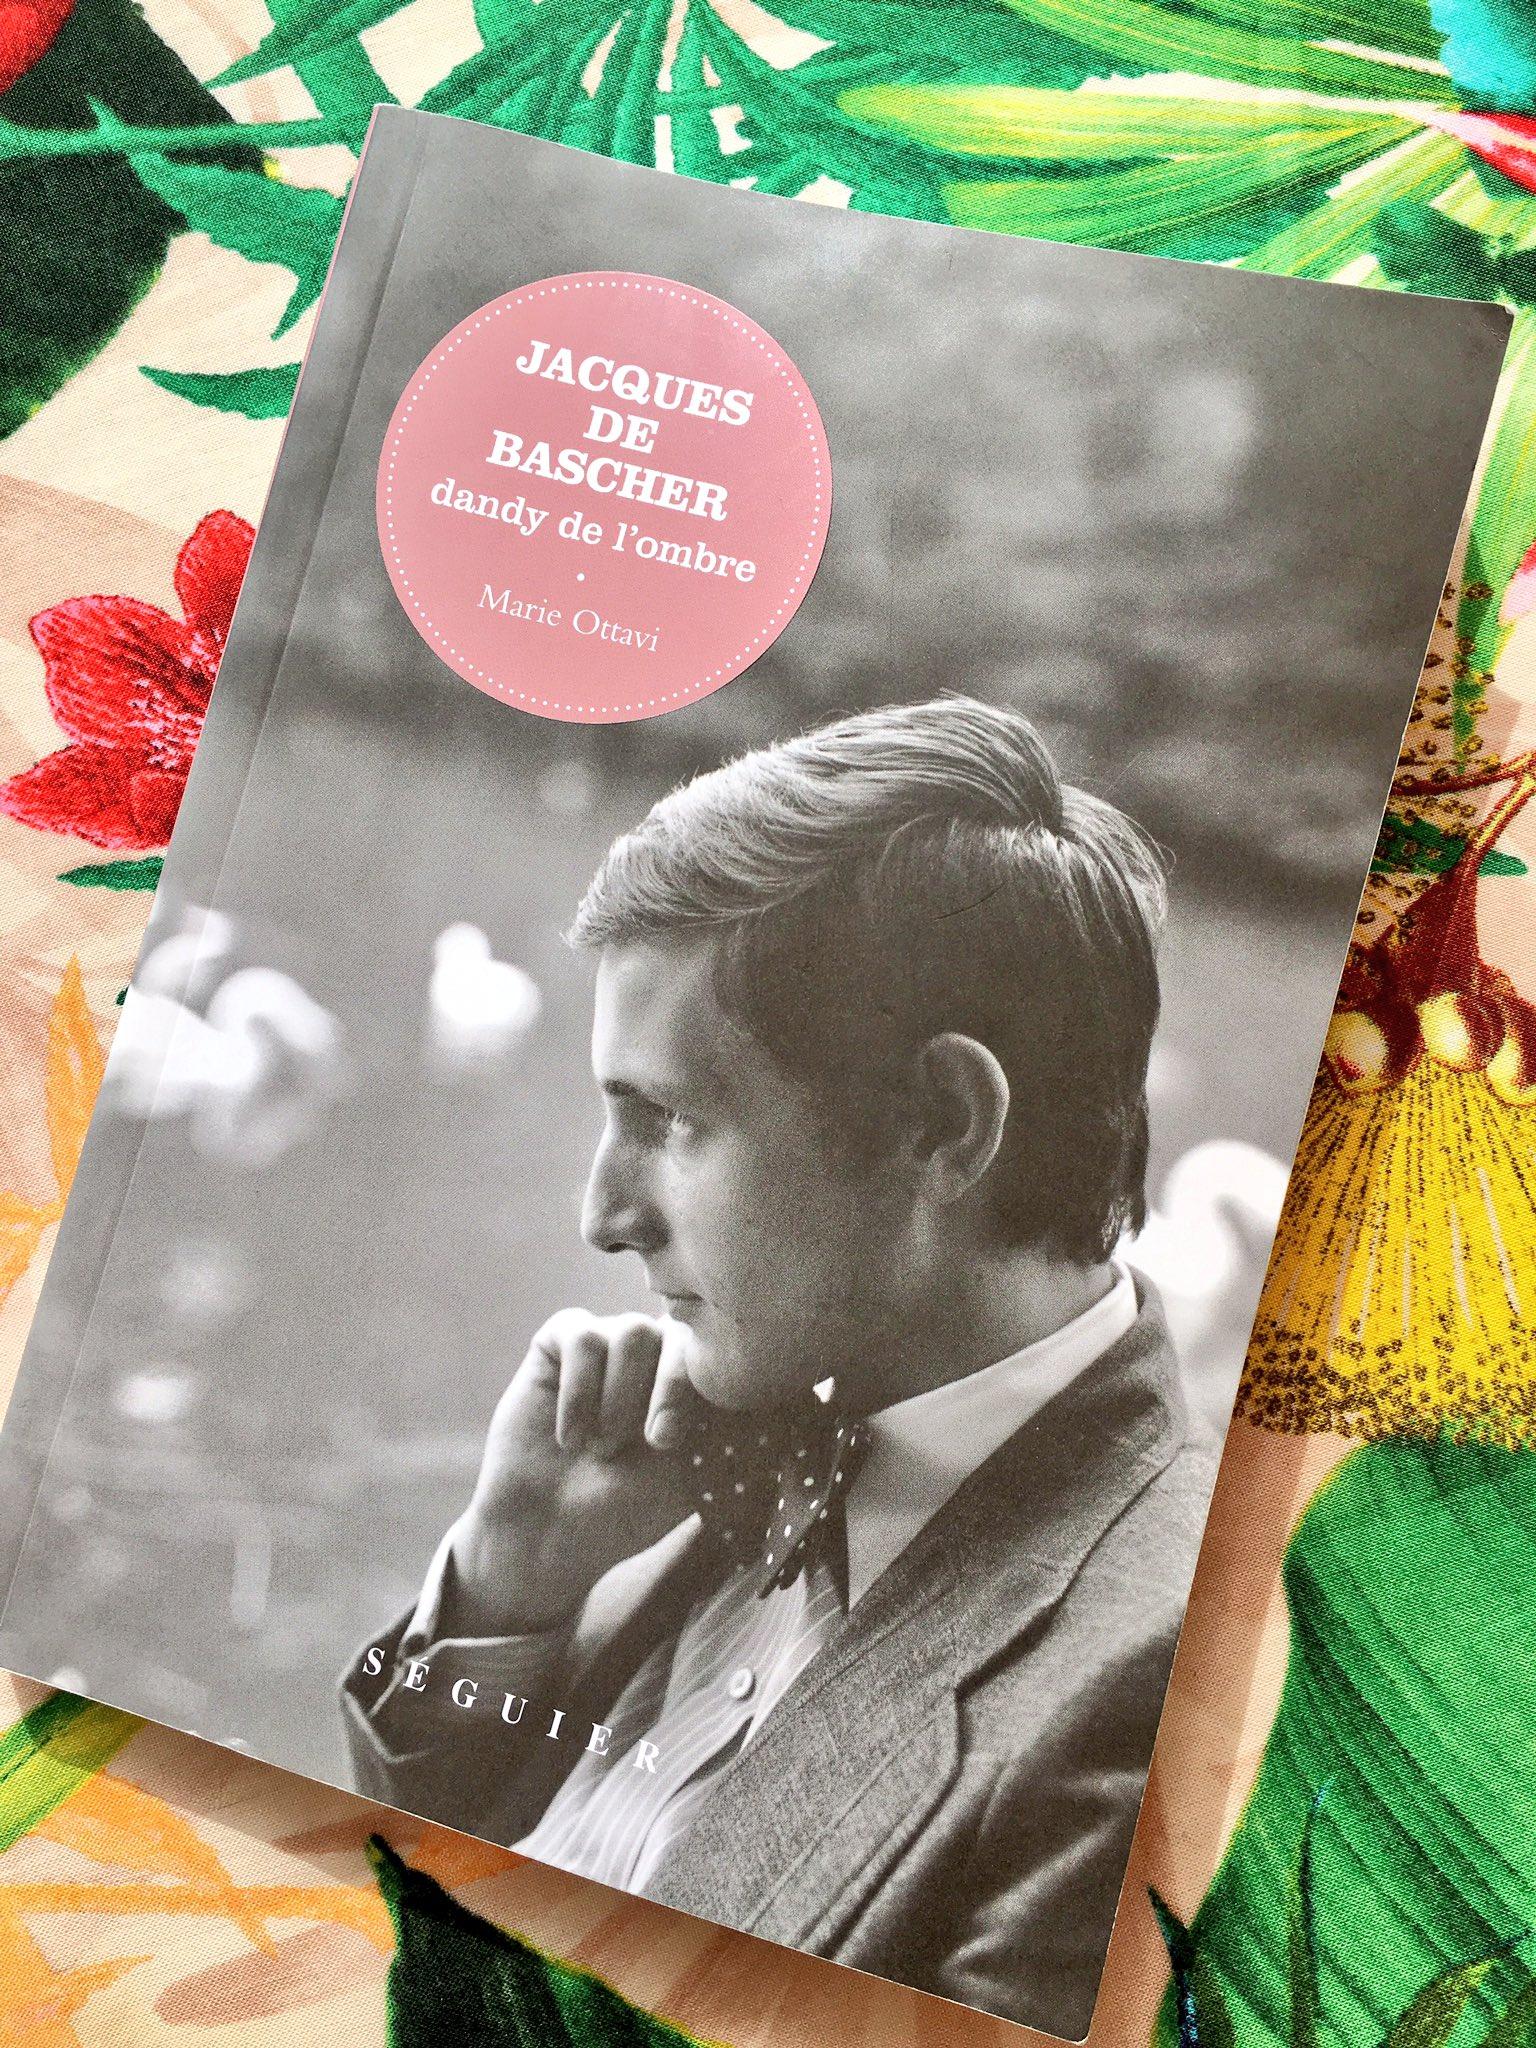 Jacques De Bascher Dandy De L'ombre : jacques, bascher, dandy, l'ombre, 𝖥𝗋𝖺𝗇𝖼𝖾, 𝖠𝗎𝖽𝖺, Twitter:,